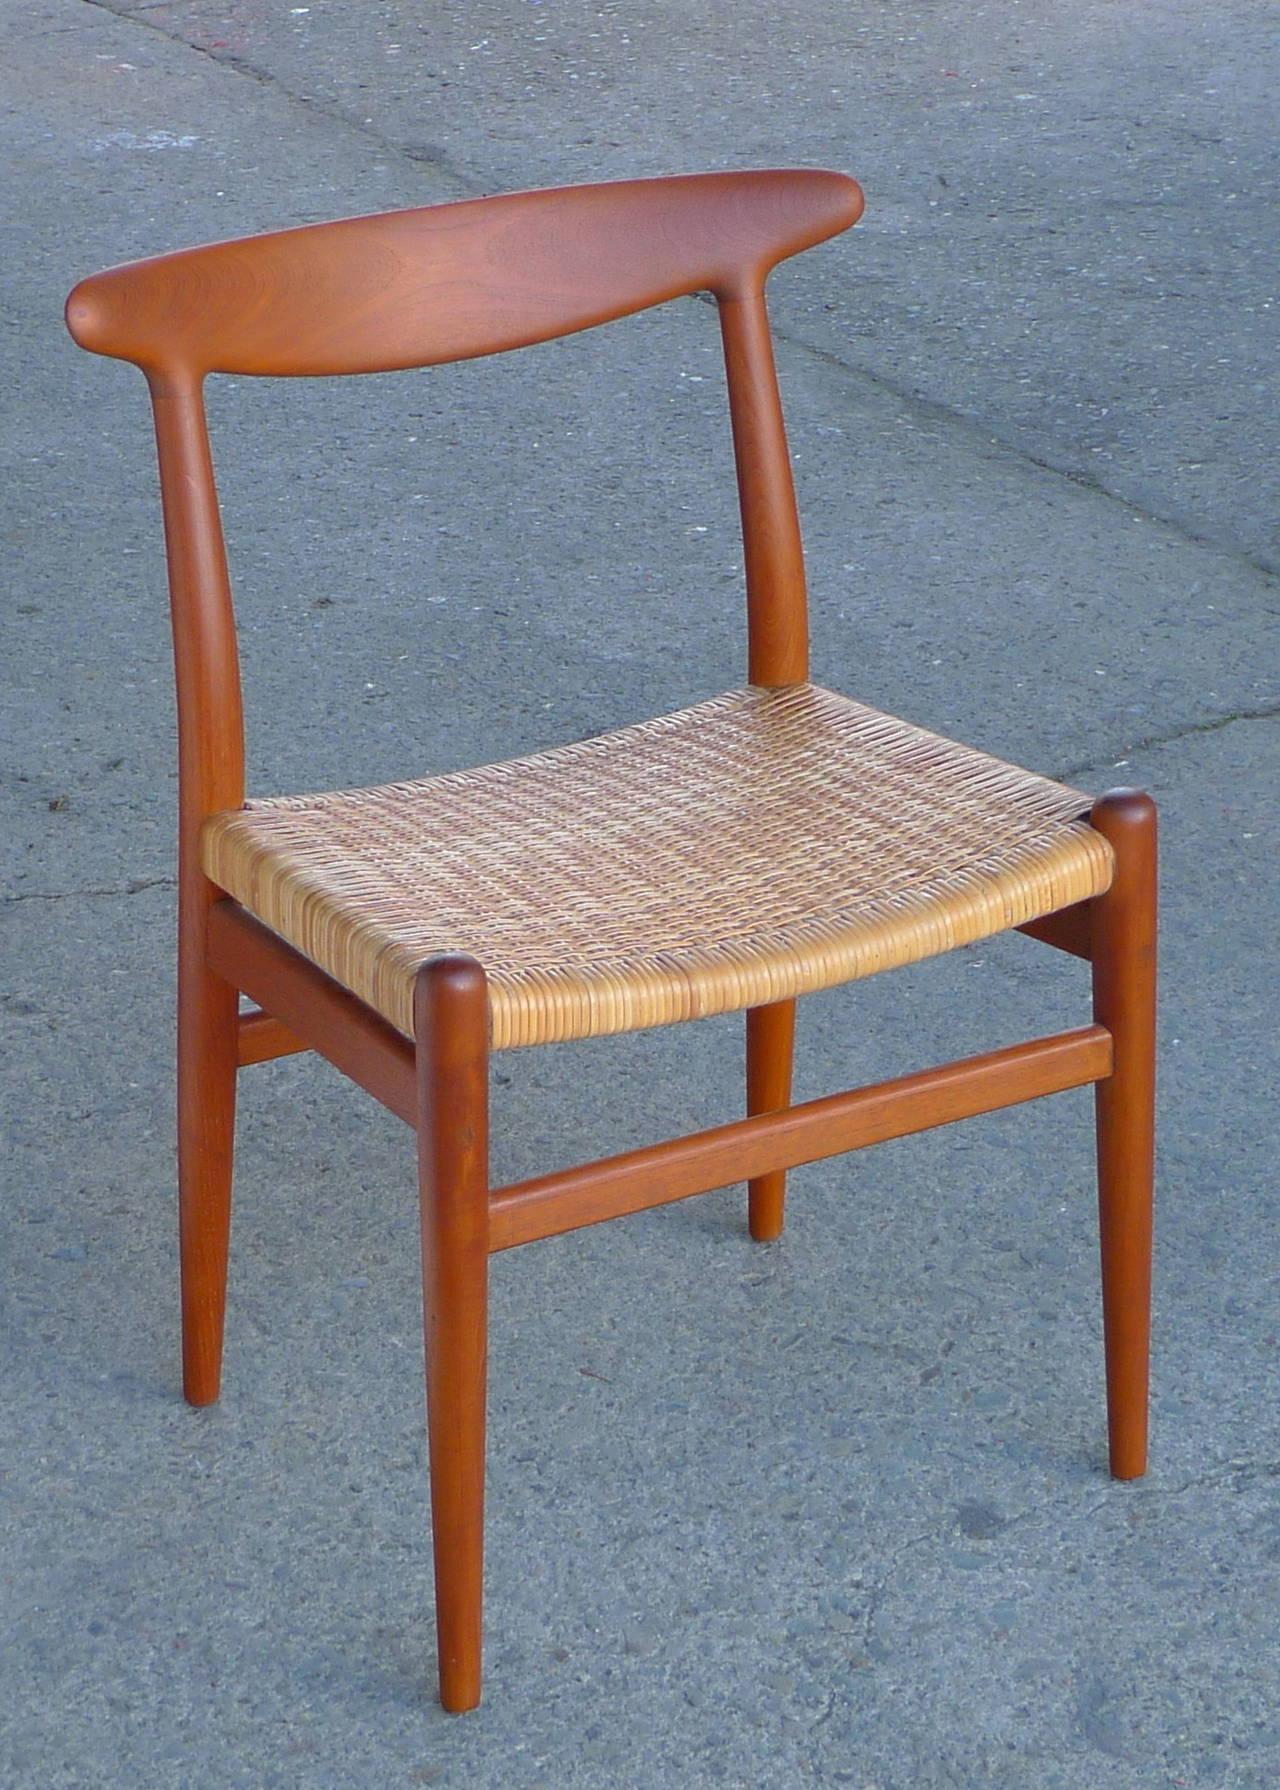 Hans Wegner Vintage Danish Modern Heart Chair For CM Madsens For Sale At 1stdibs